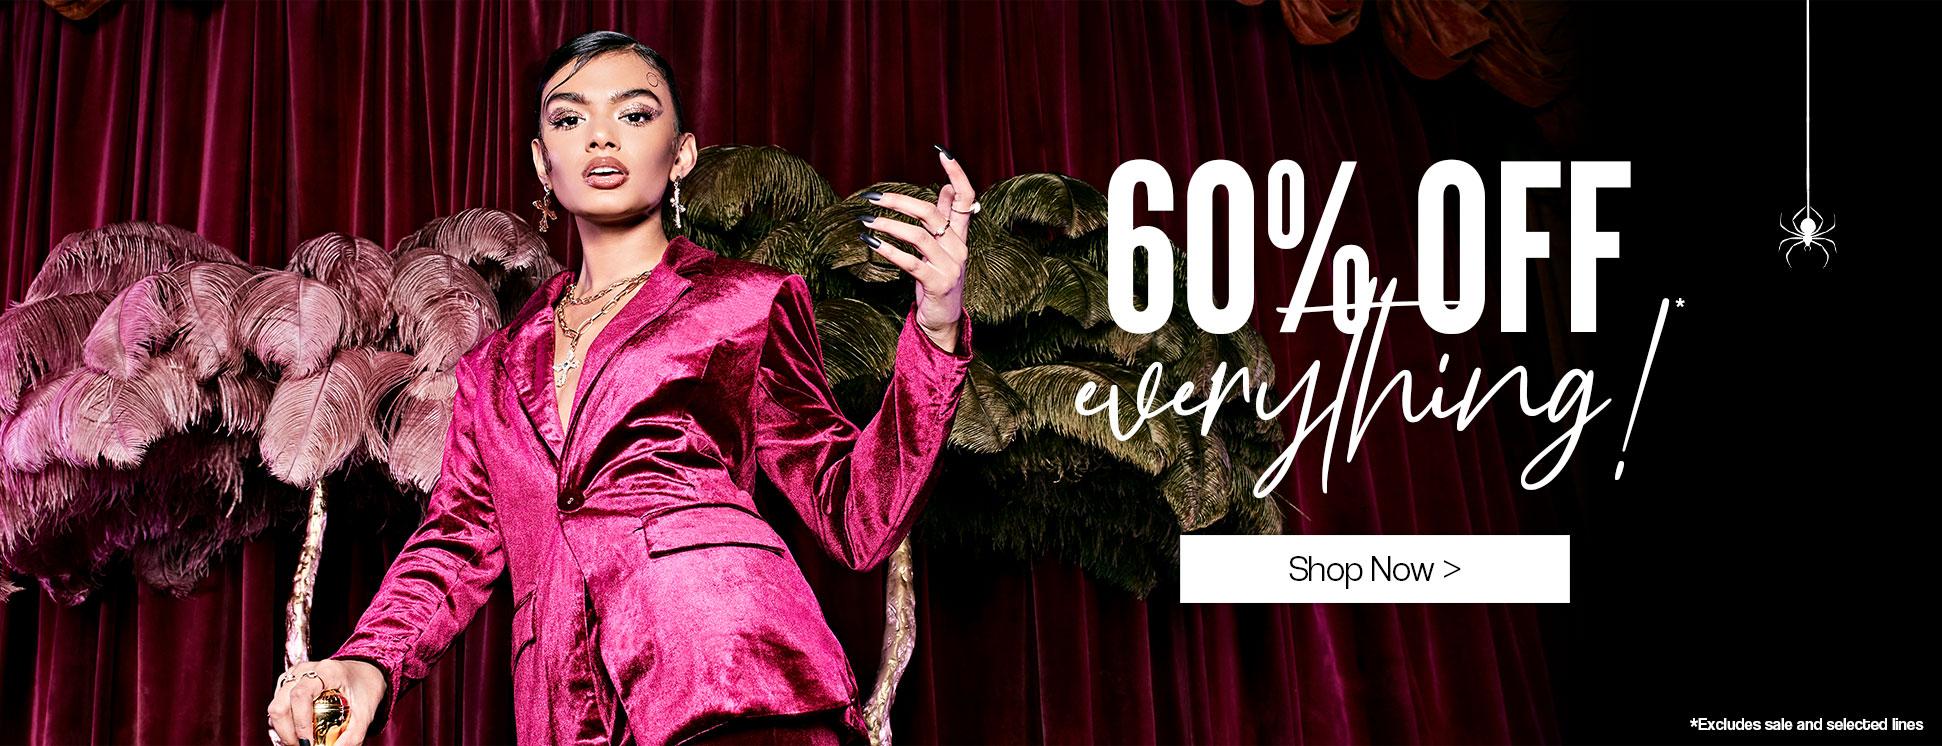 reputable site ce559 8523c Clothes | Women's & Men's Clothing & Fashion | Online ...